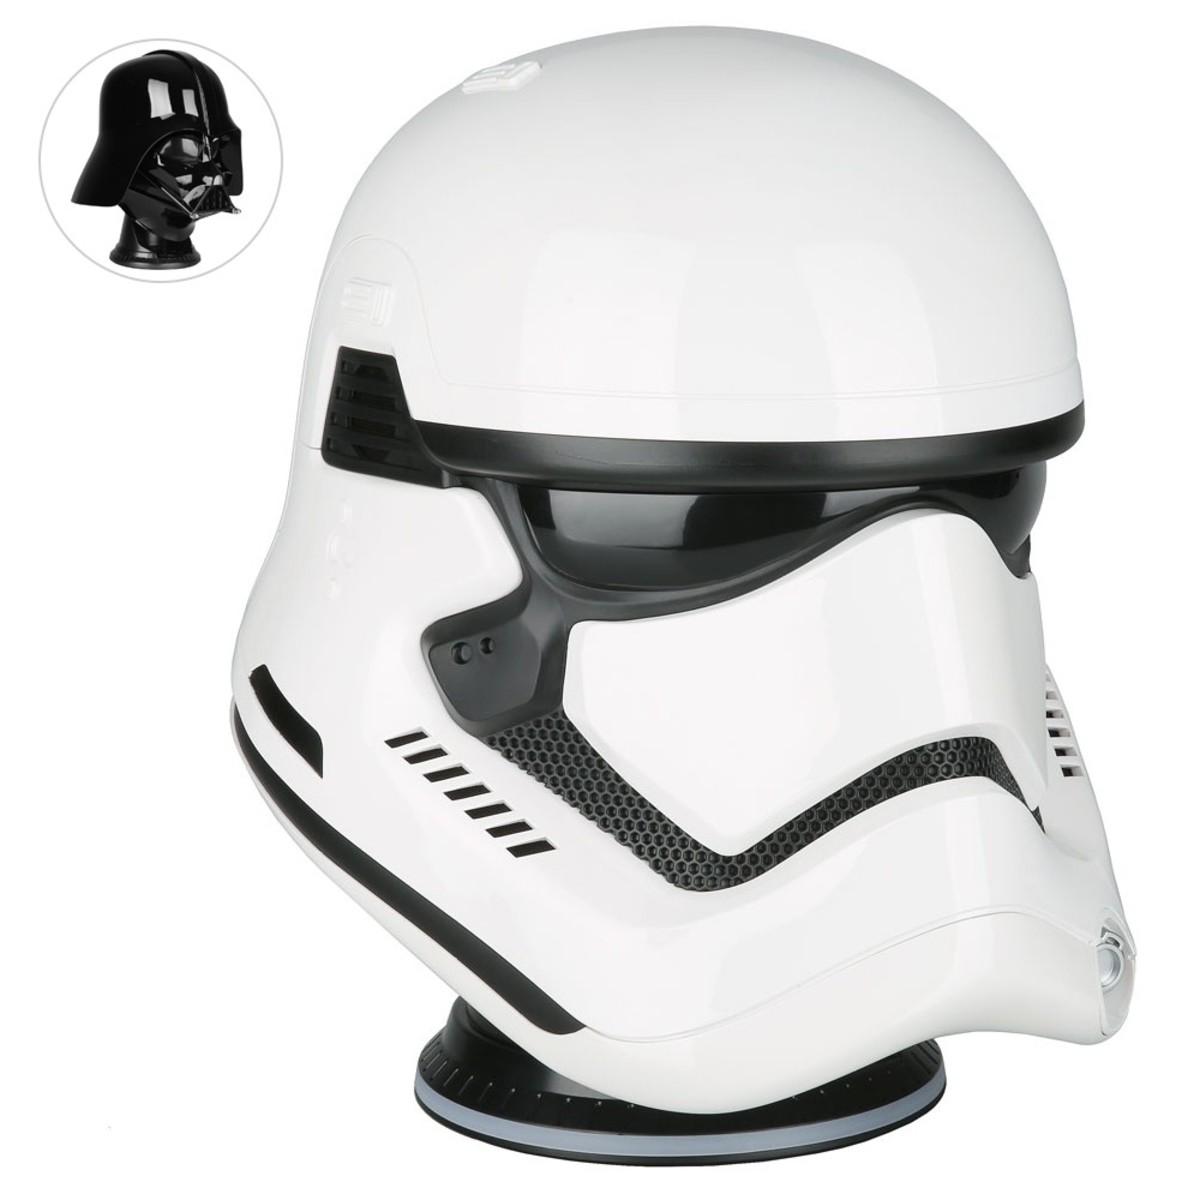 Bild 1 von Bluetooth-Lautsprecher Star Wars